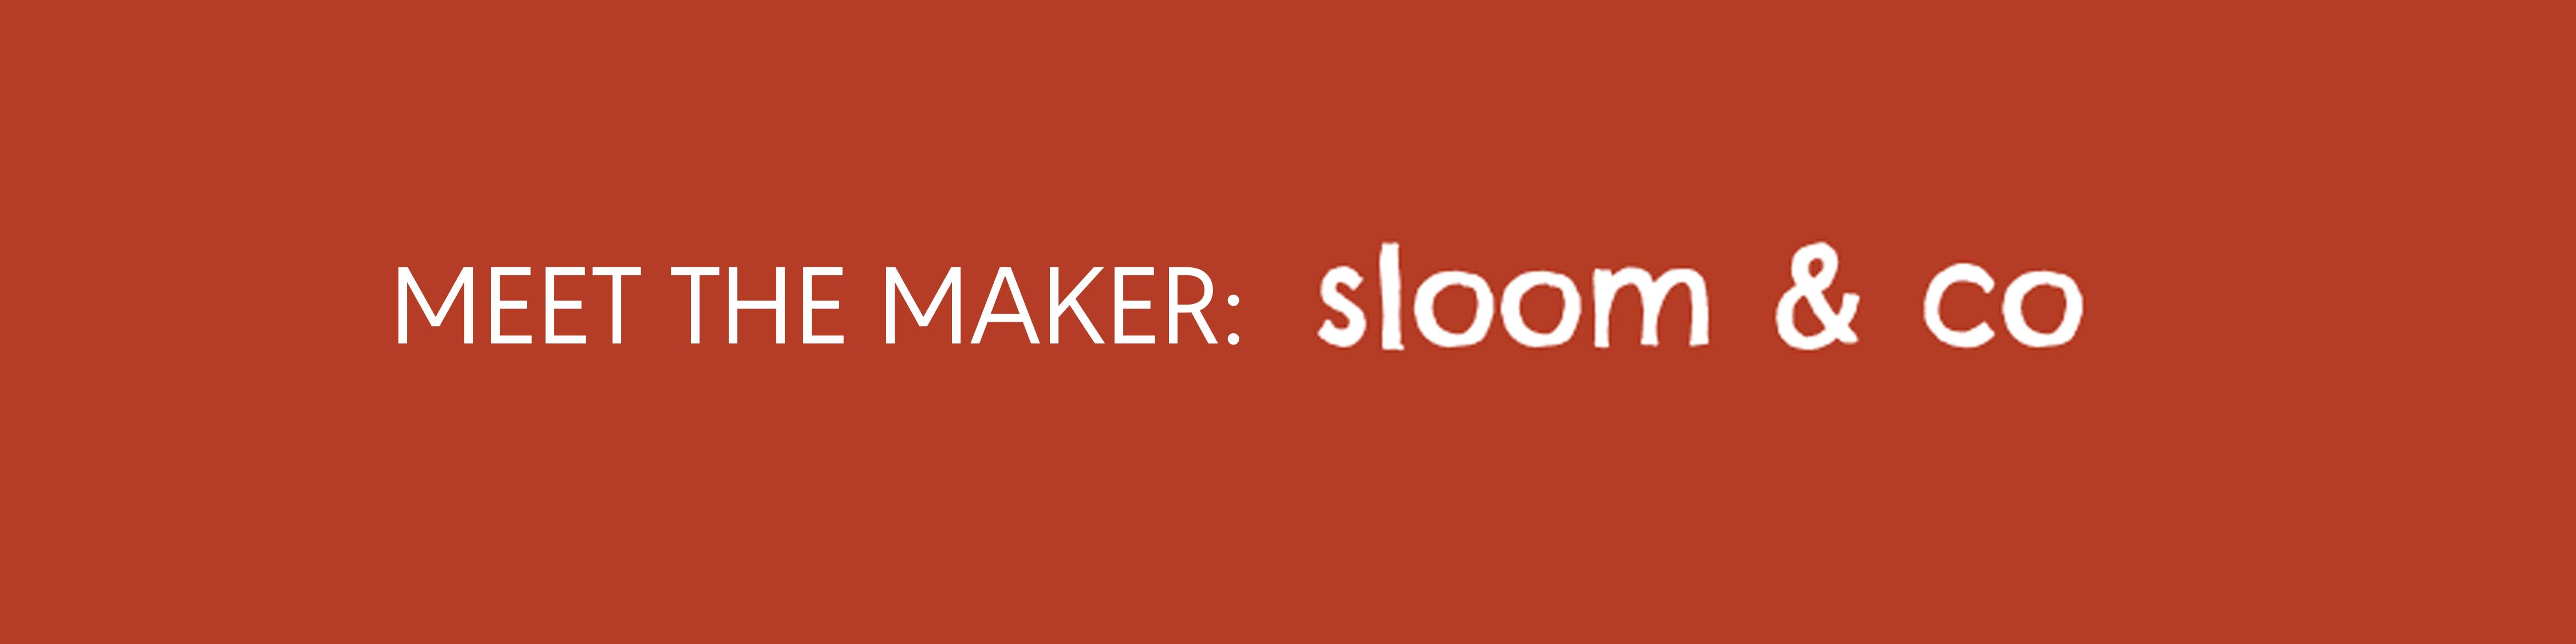 Meet The Maker: Sloom & Co.